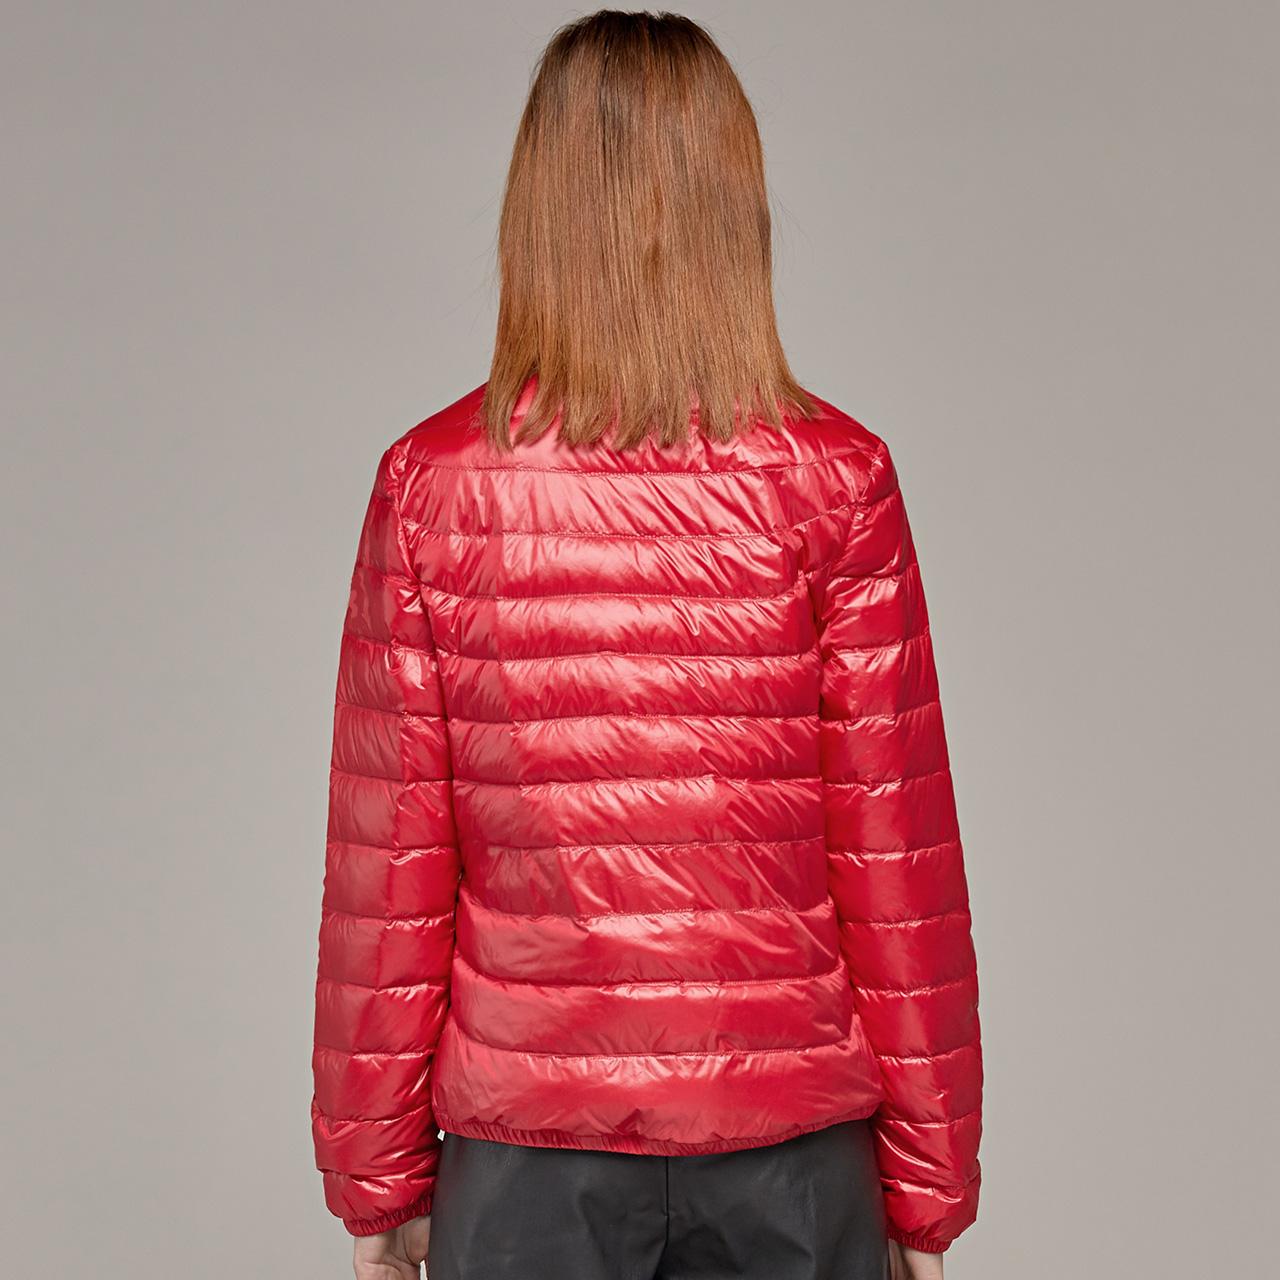 雪中飞2019秋冬轻薄羽绒服女短款修身便携气质显瘦纯色保暖外套潮